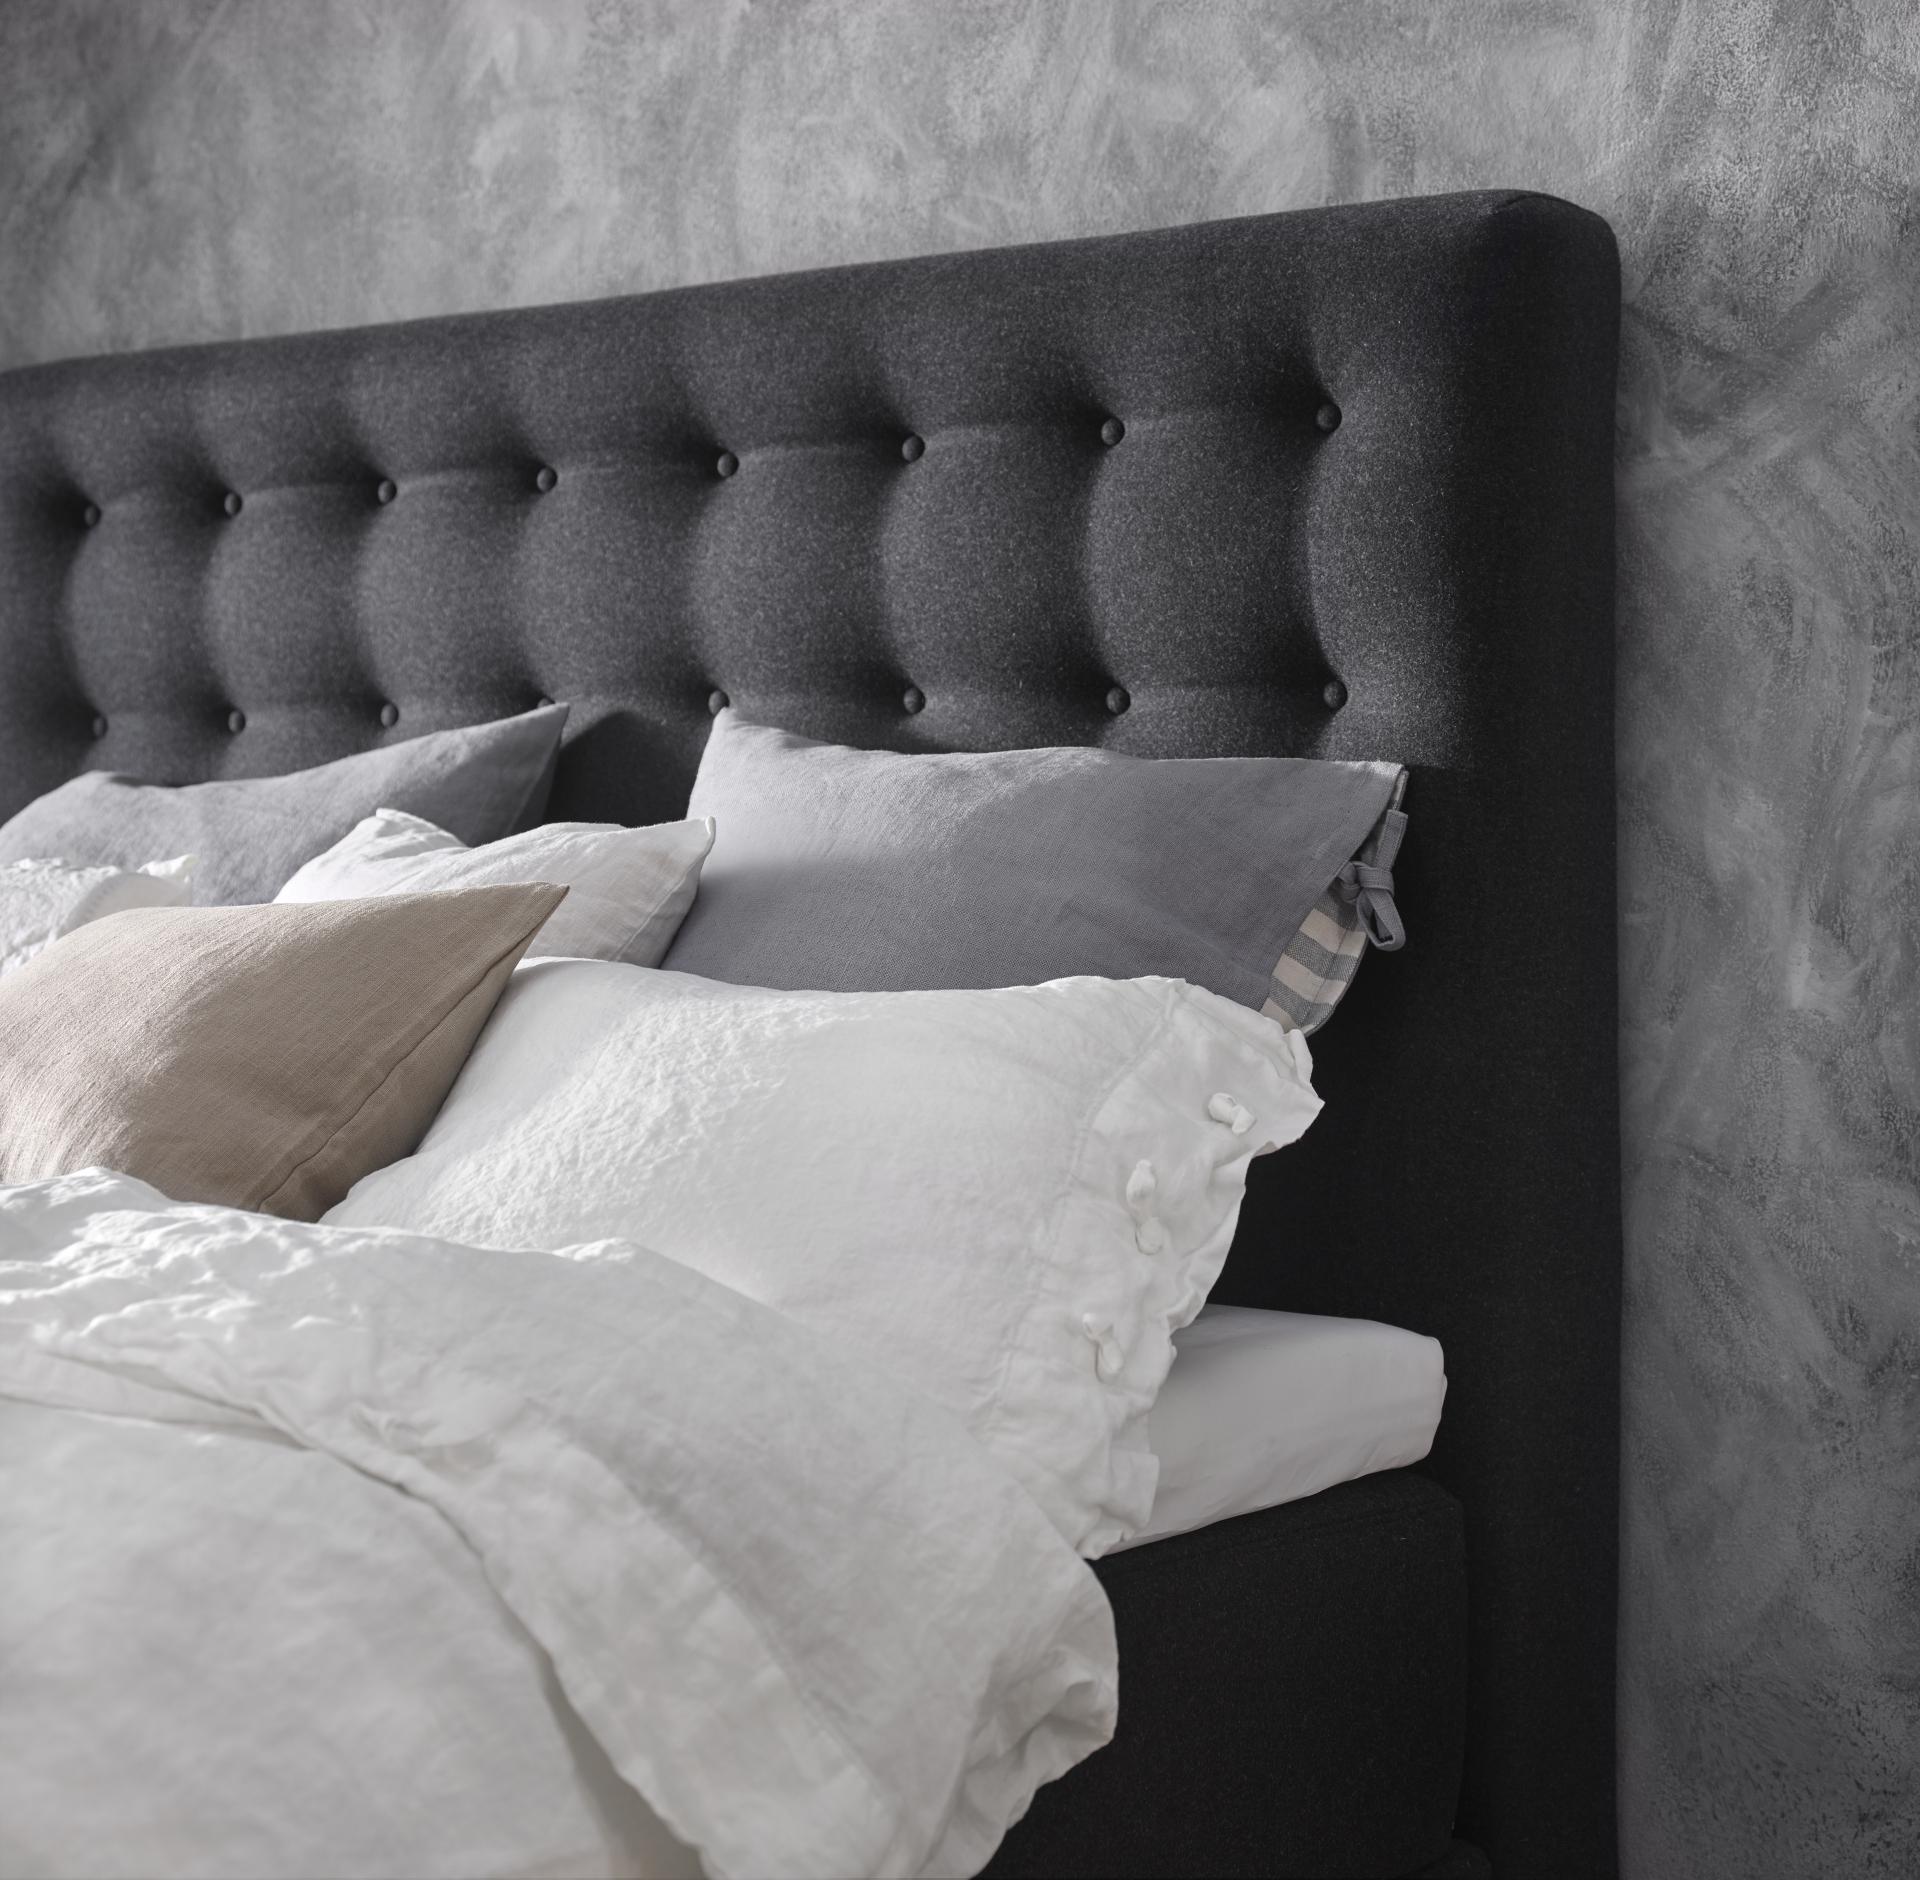 Cómo elegir el colchón de IKEA perfecto para ti? – Guia Shopping